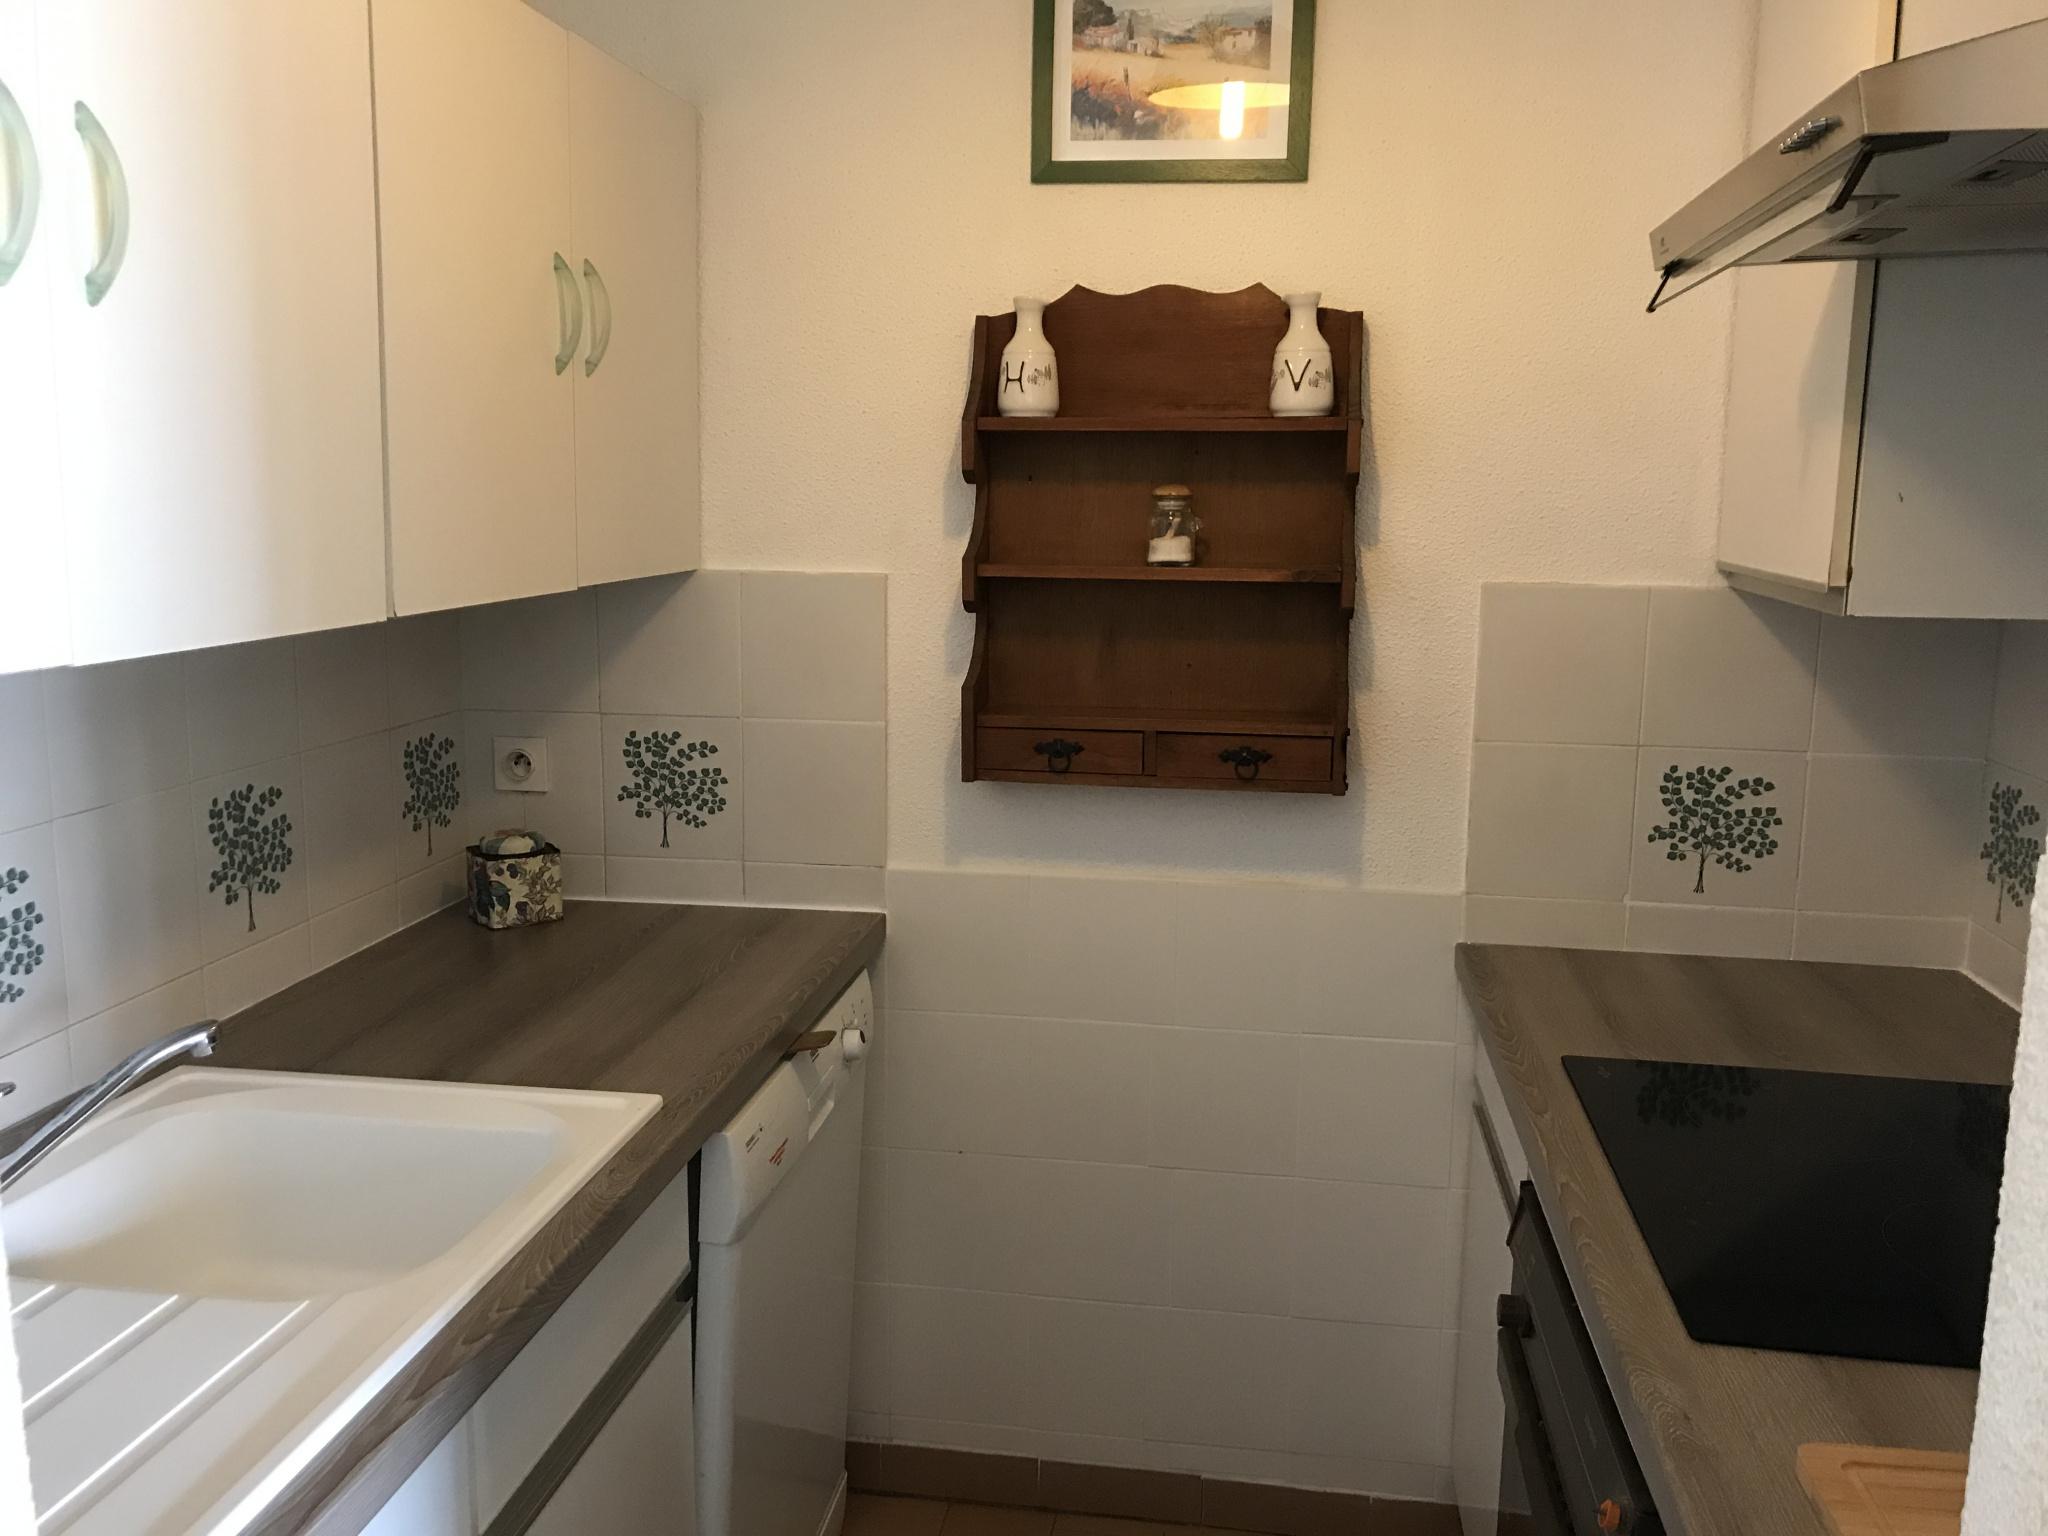 À vendre appartement de 36.46m2 à st cyprien plage (66750) - Photo 9'